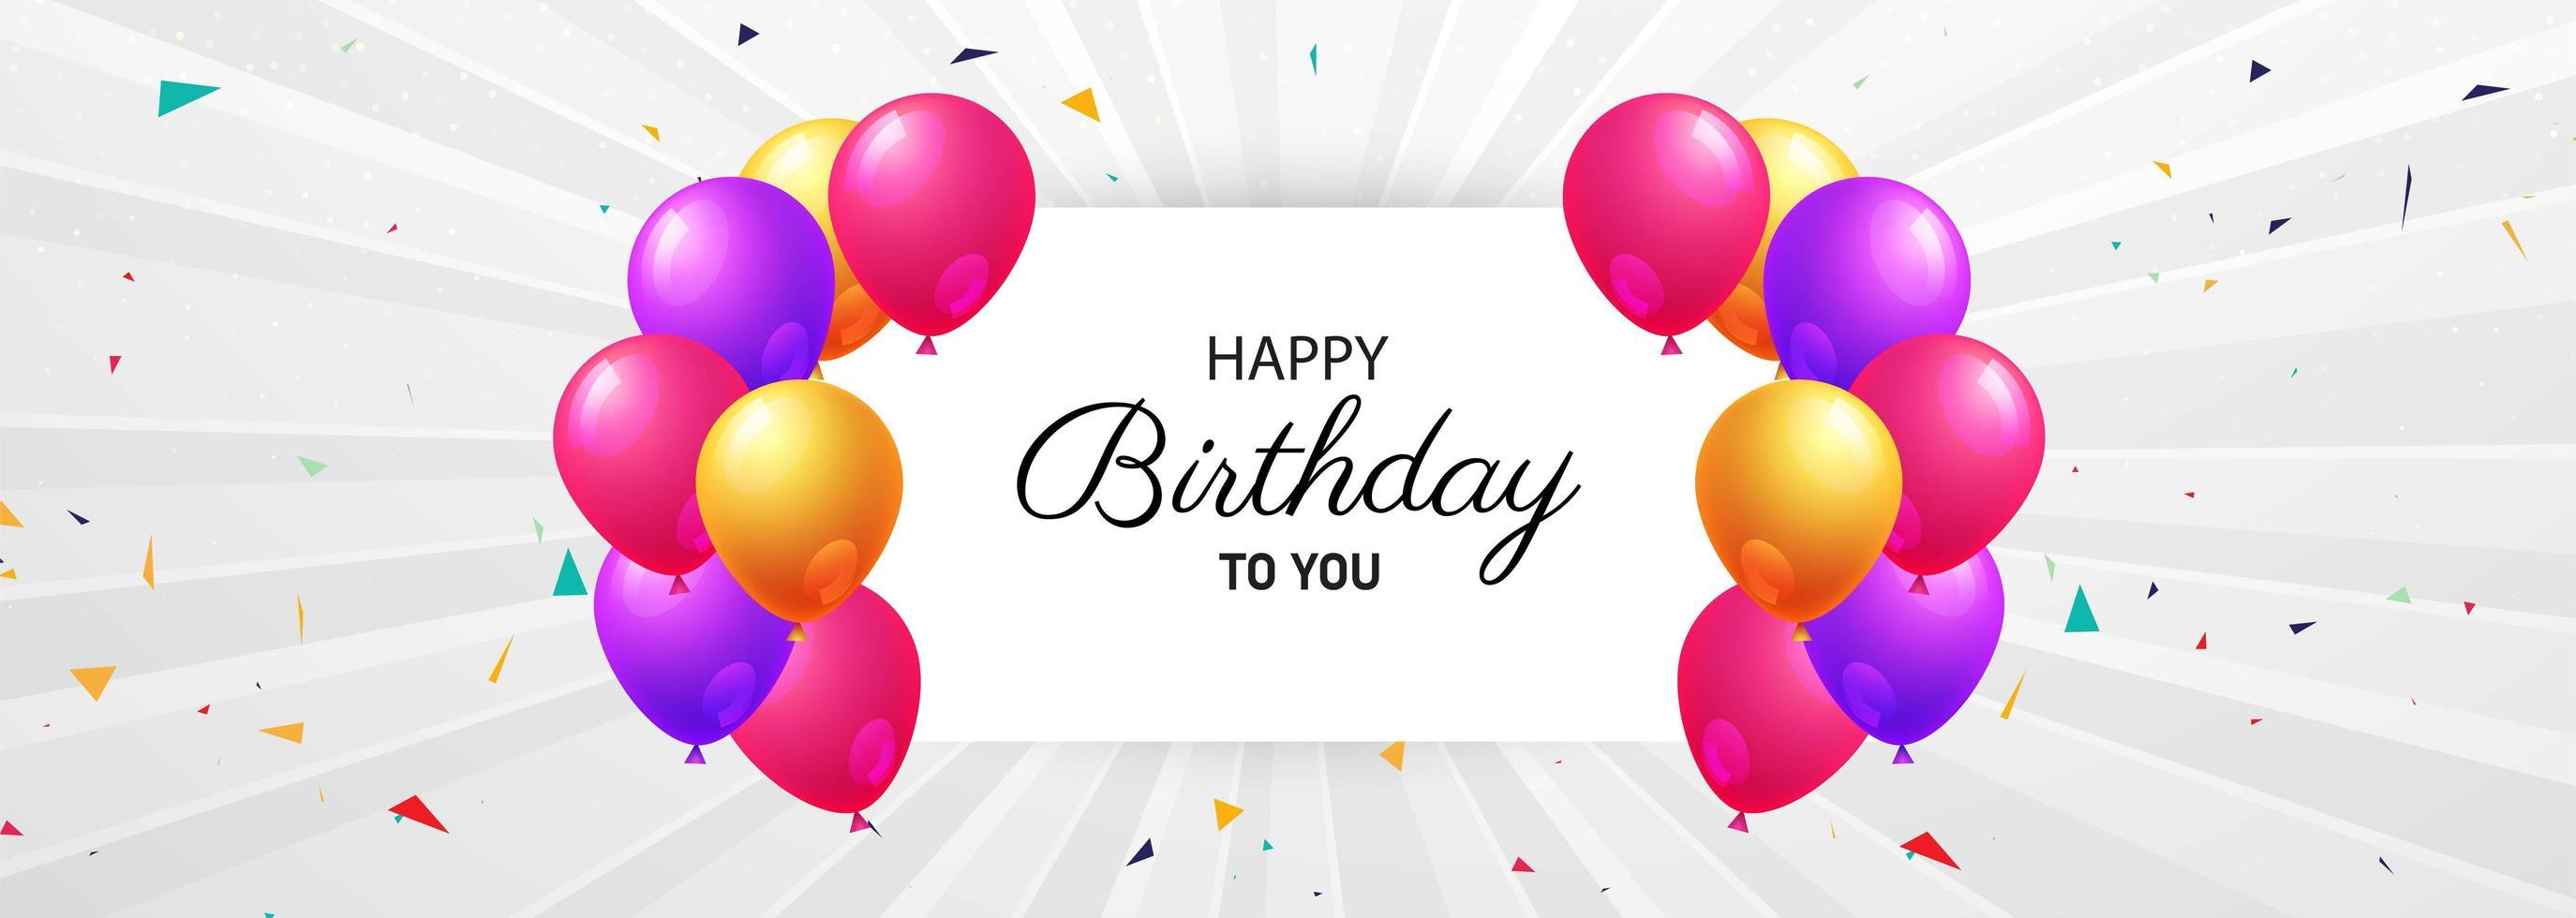 gelukkige verjaardag viering kaart met ballonnen vector